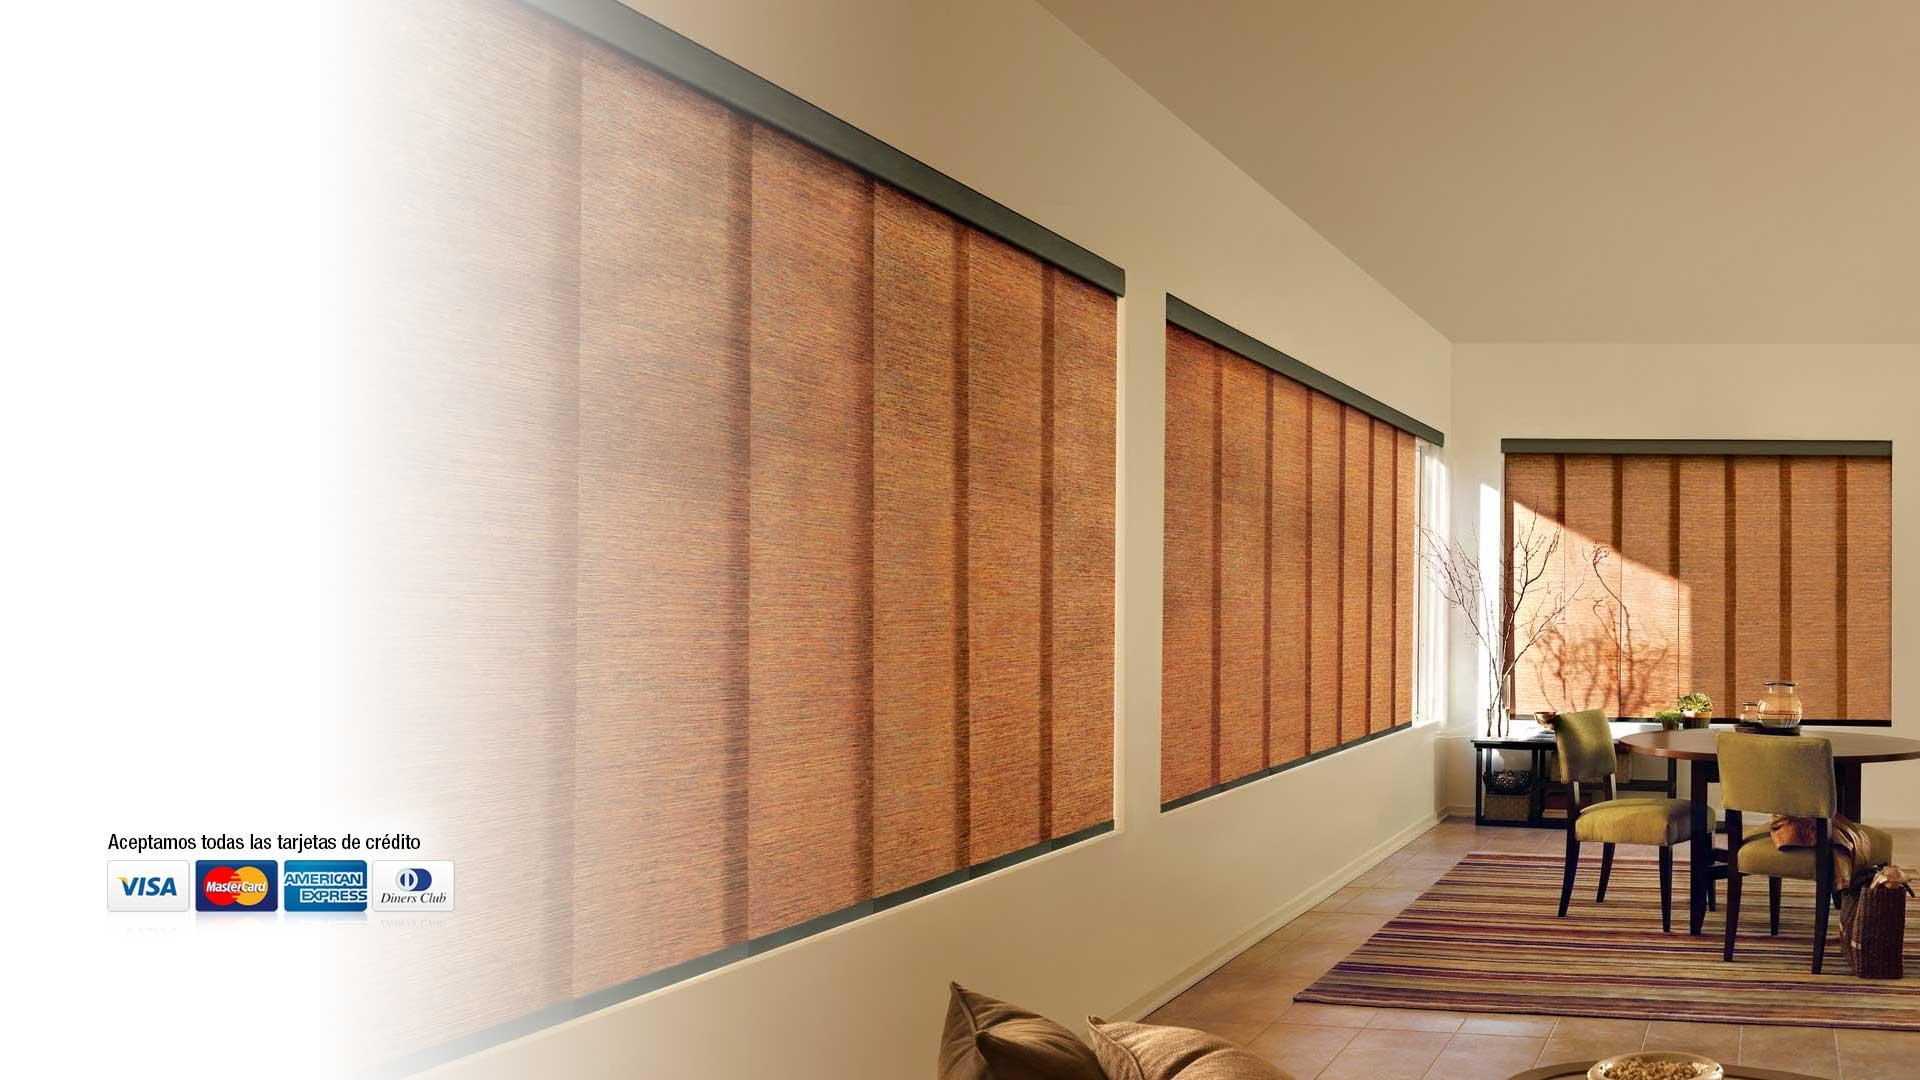 Cortinside cortinas en 24 horas cortinas y persianas for Cortinas para dormitorio quito